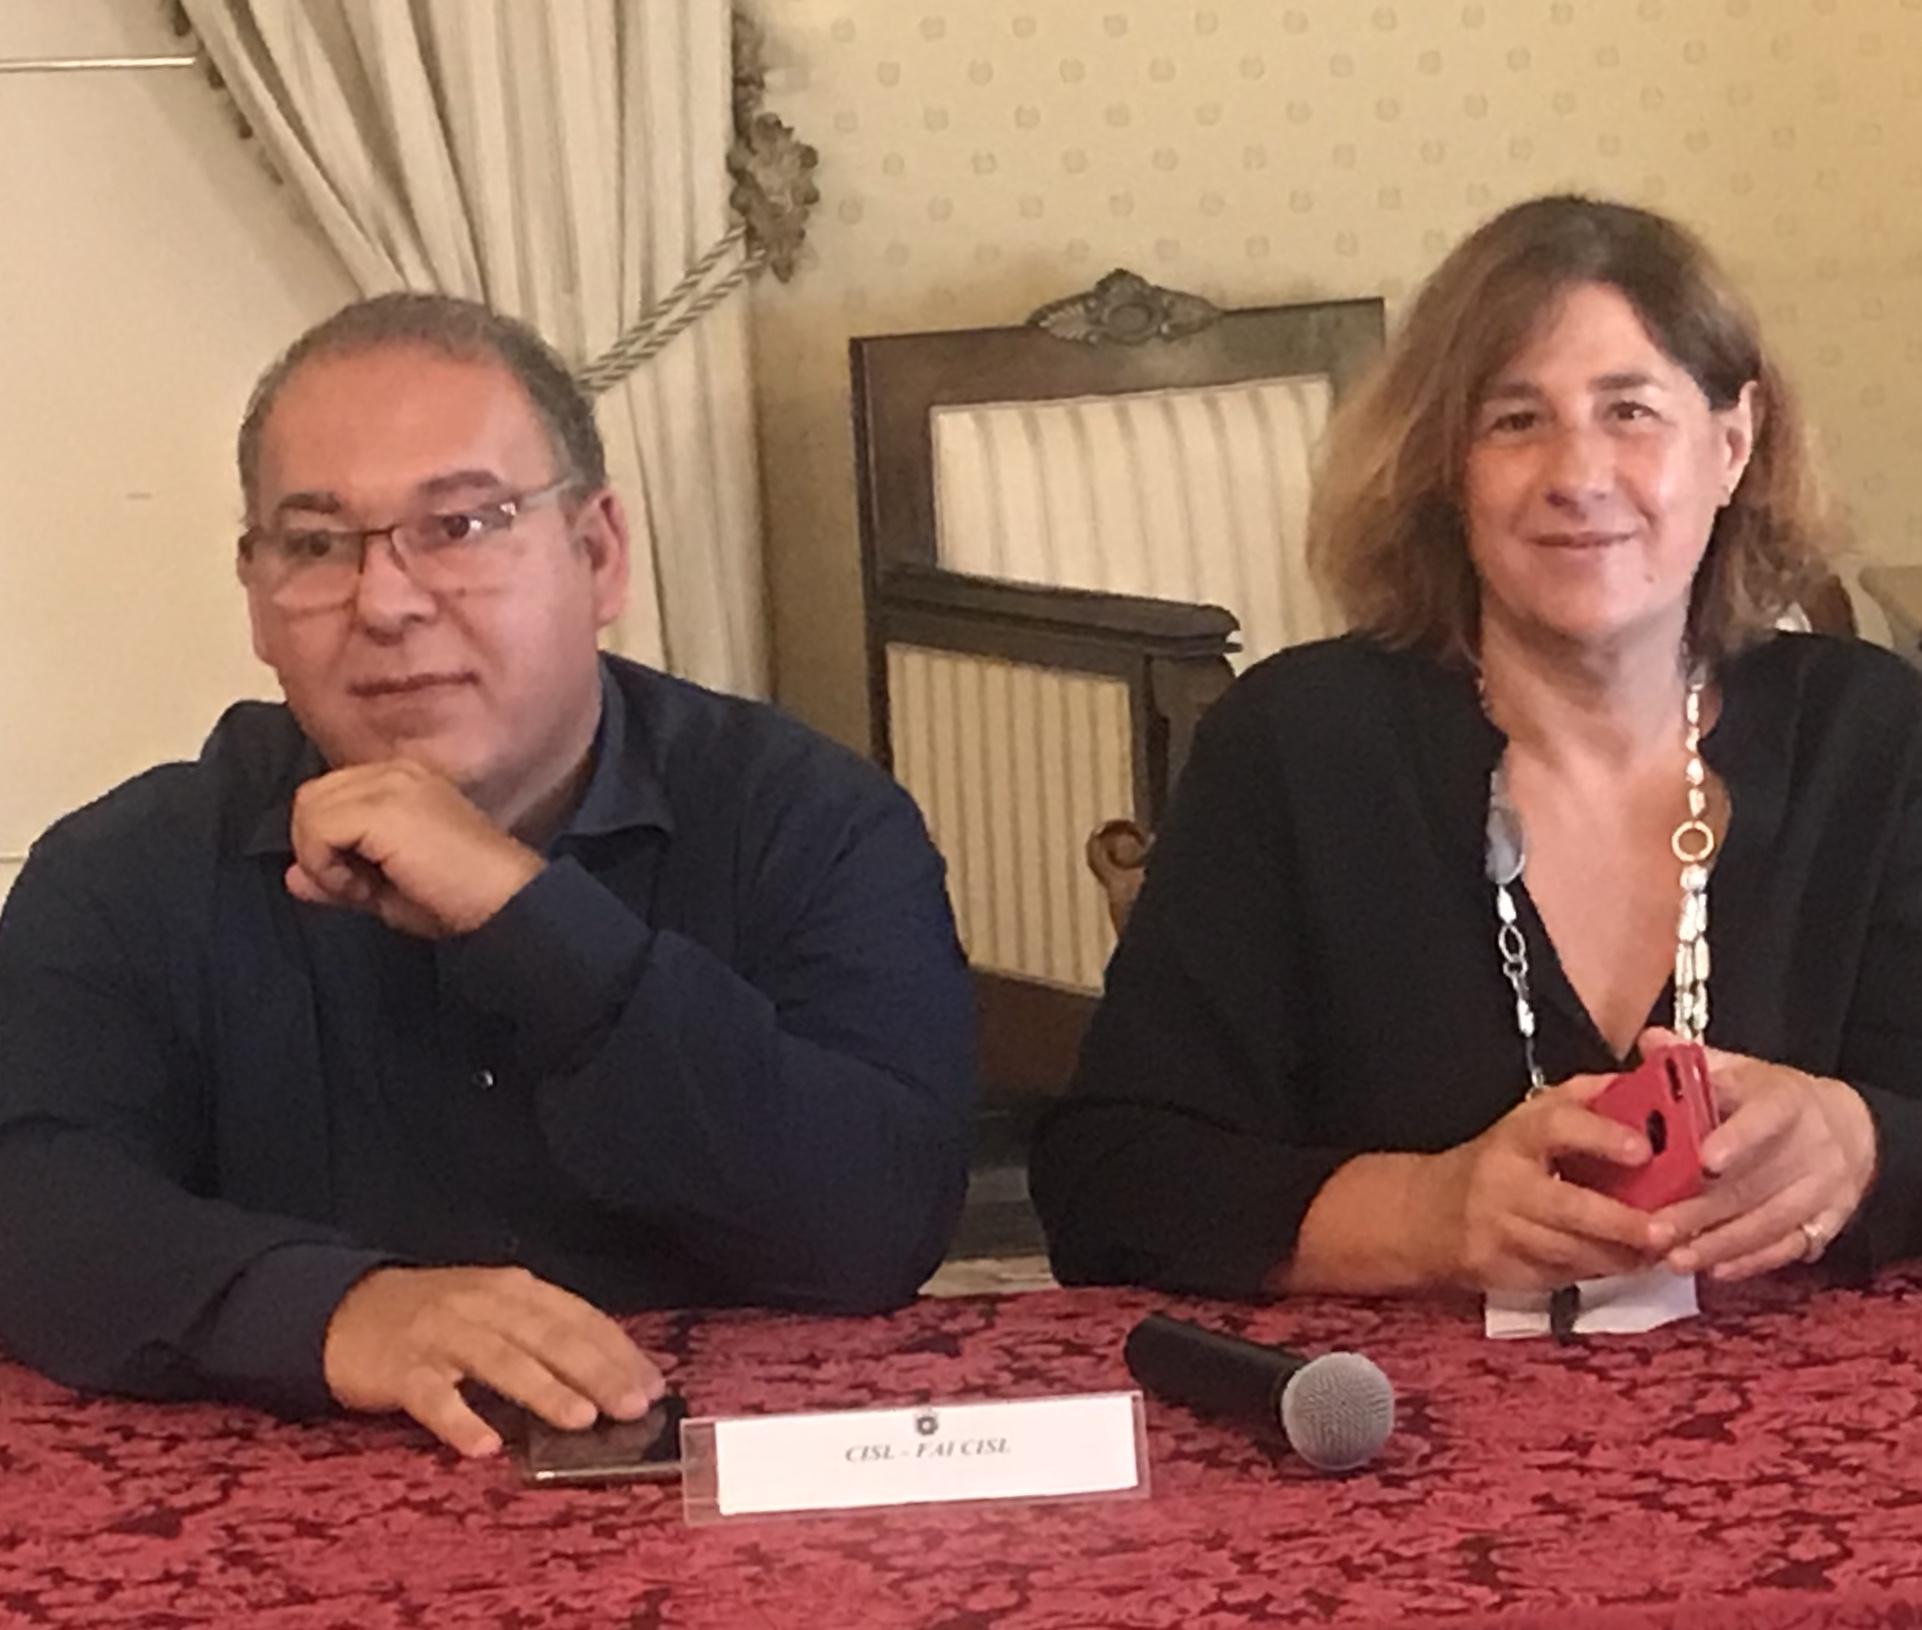 I segretari Chirizzi e Visconti oggi in Prefettura per la costituzione della sezione territoriale della Rete del lavoro agricolo di qualità